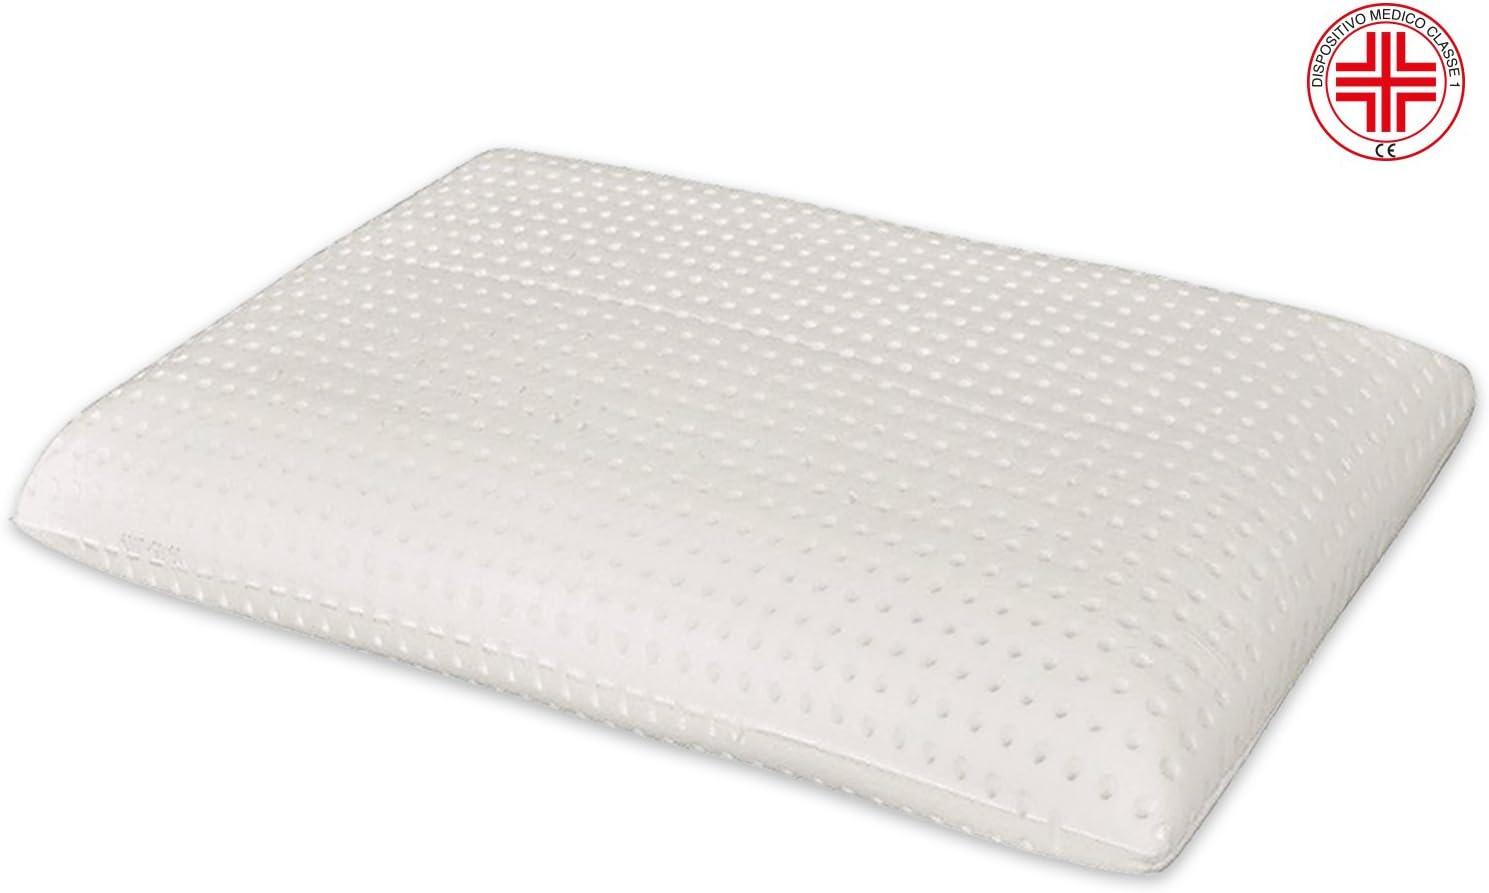 低反発枕 マルカピウーマ メモリーフォーム